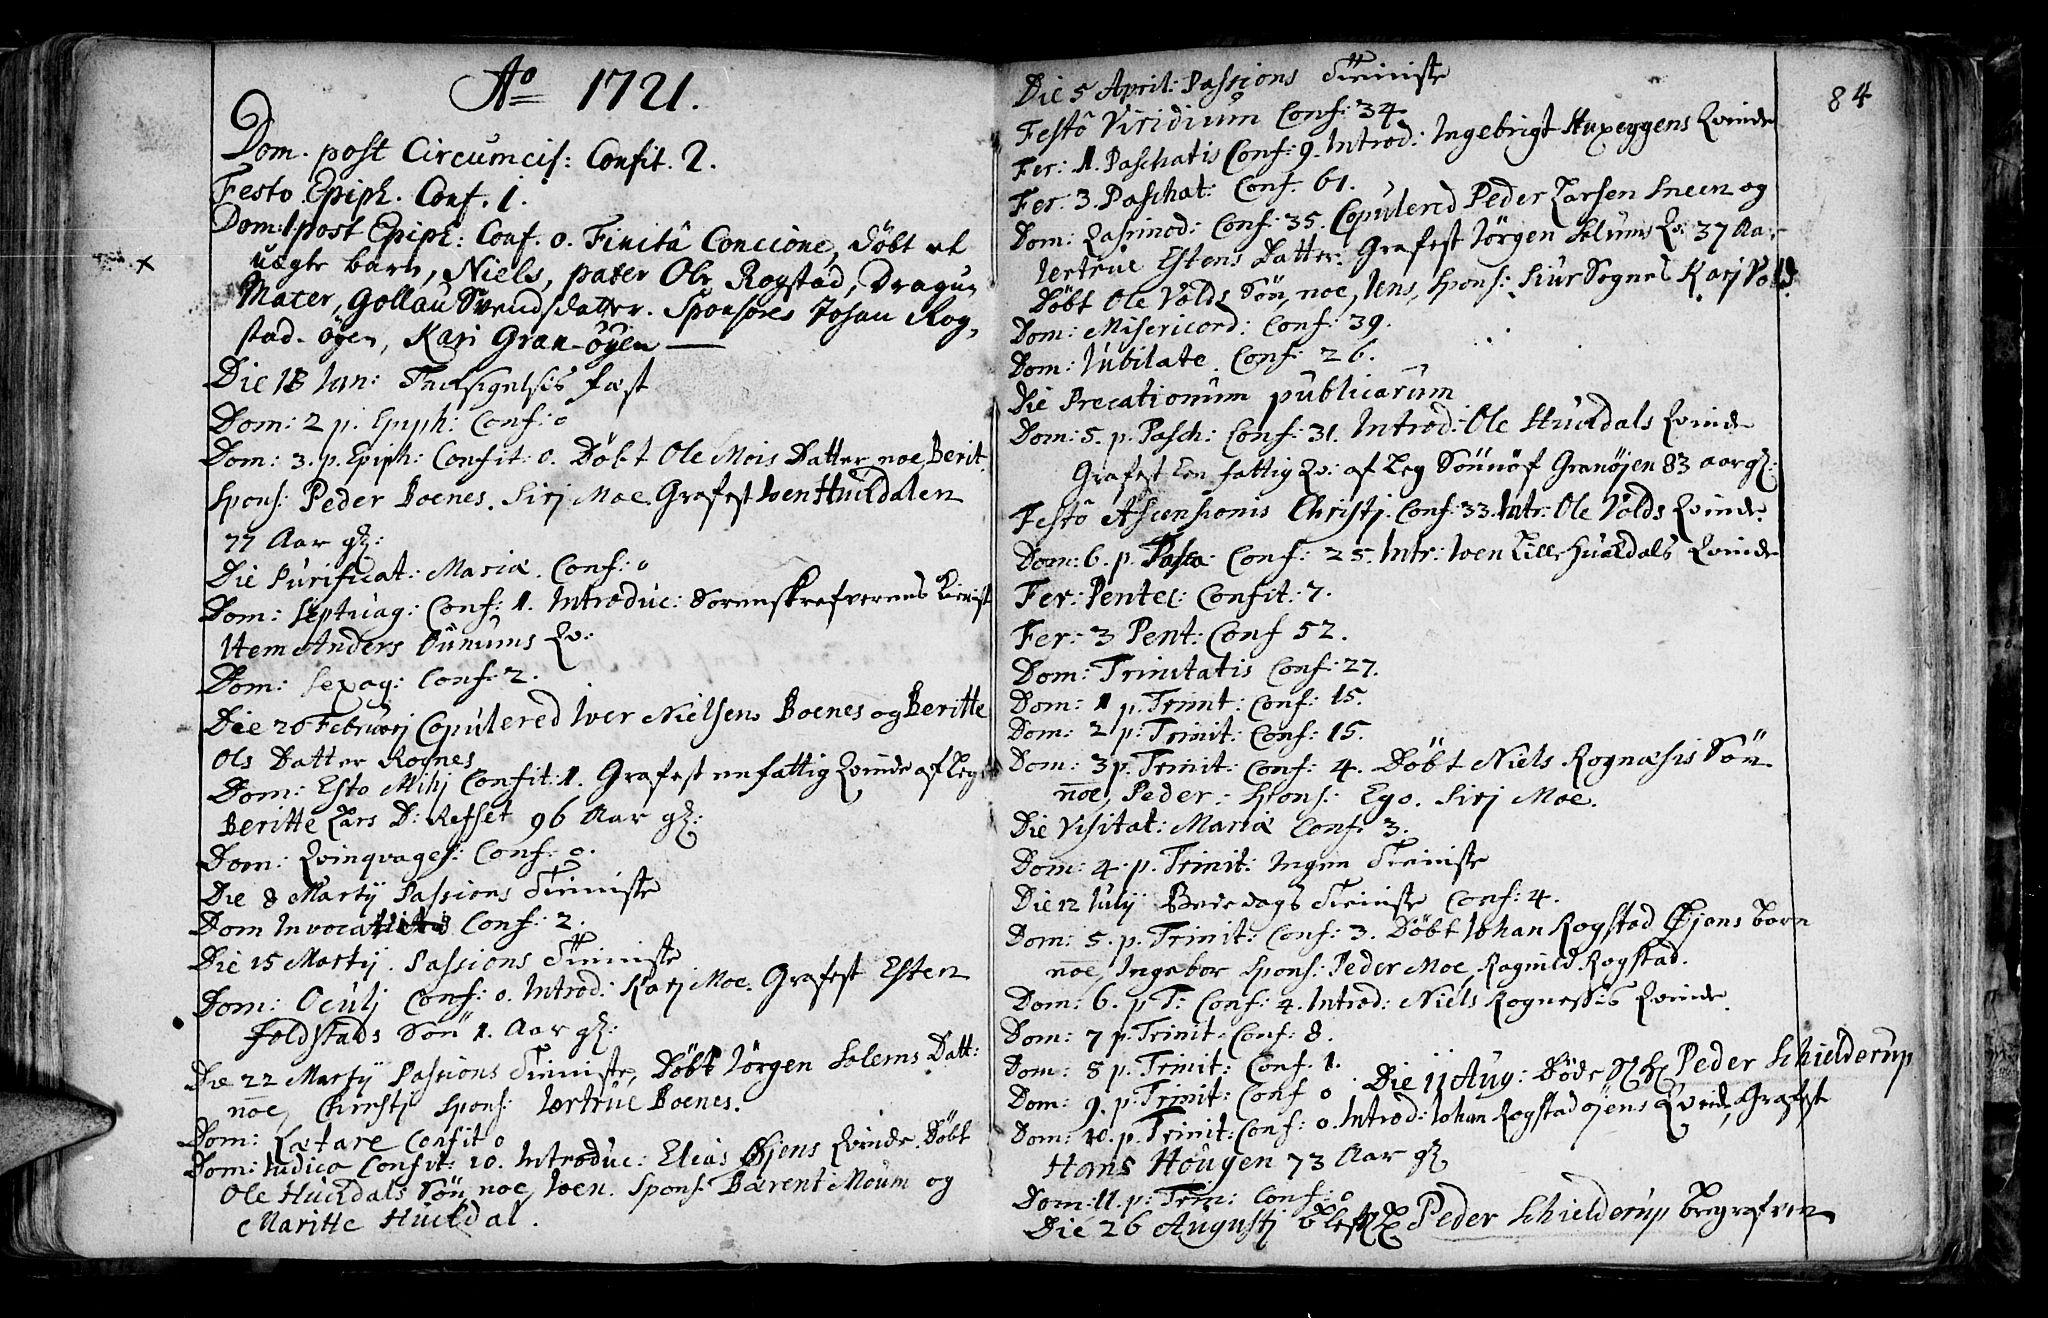 SAT, Ministerialprotokoller, klokkerbøker og fødselsregistre - Sør-Trøndelag, 687/L0990: Ministerialbok nr. 687A01, 1690-1746, s. 84